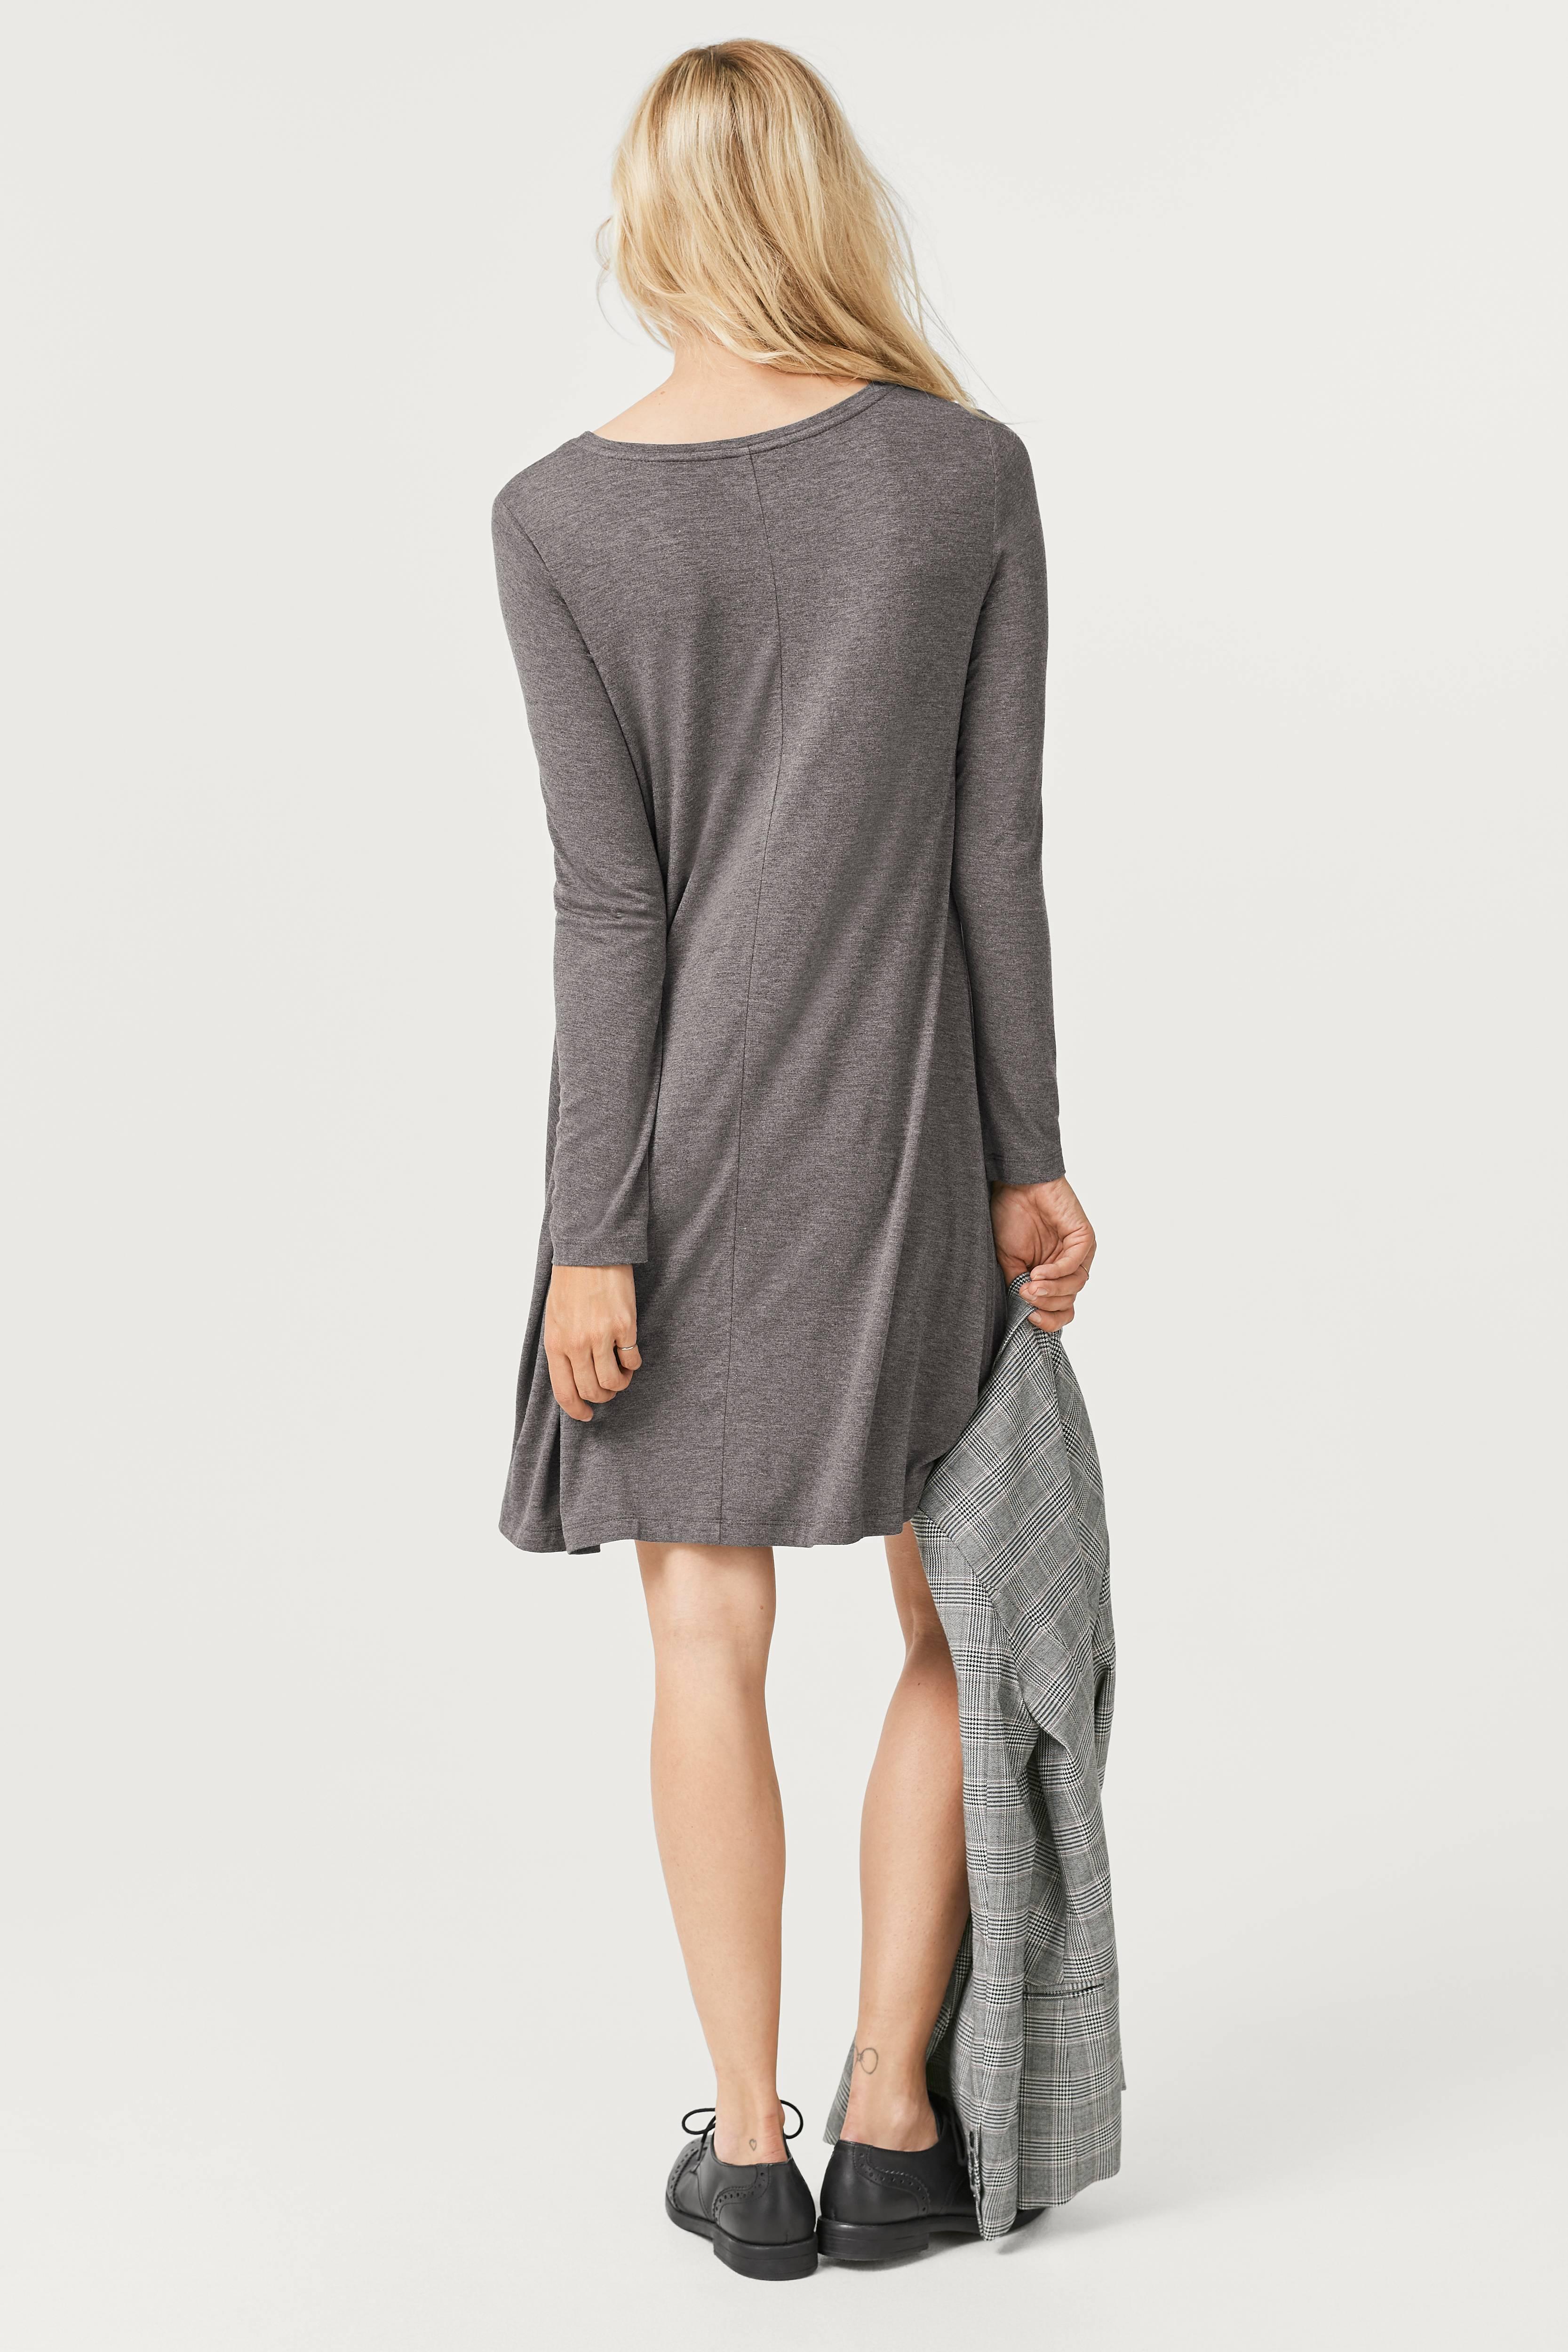 Ellos Collection Klänning Dana Svart Korta klänningar